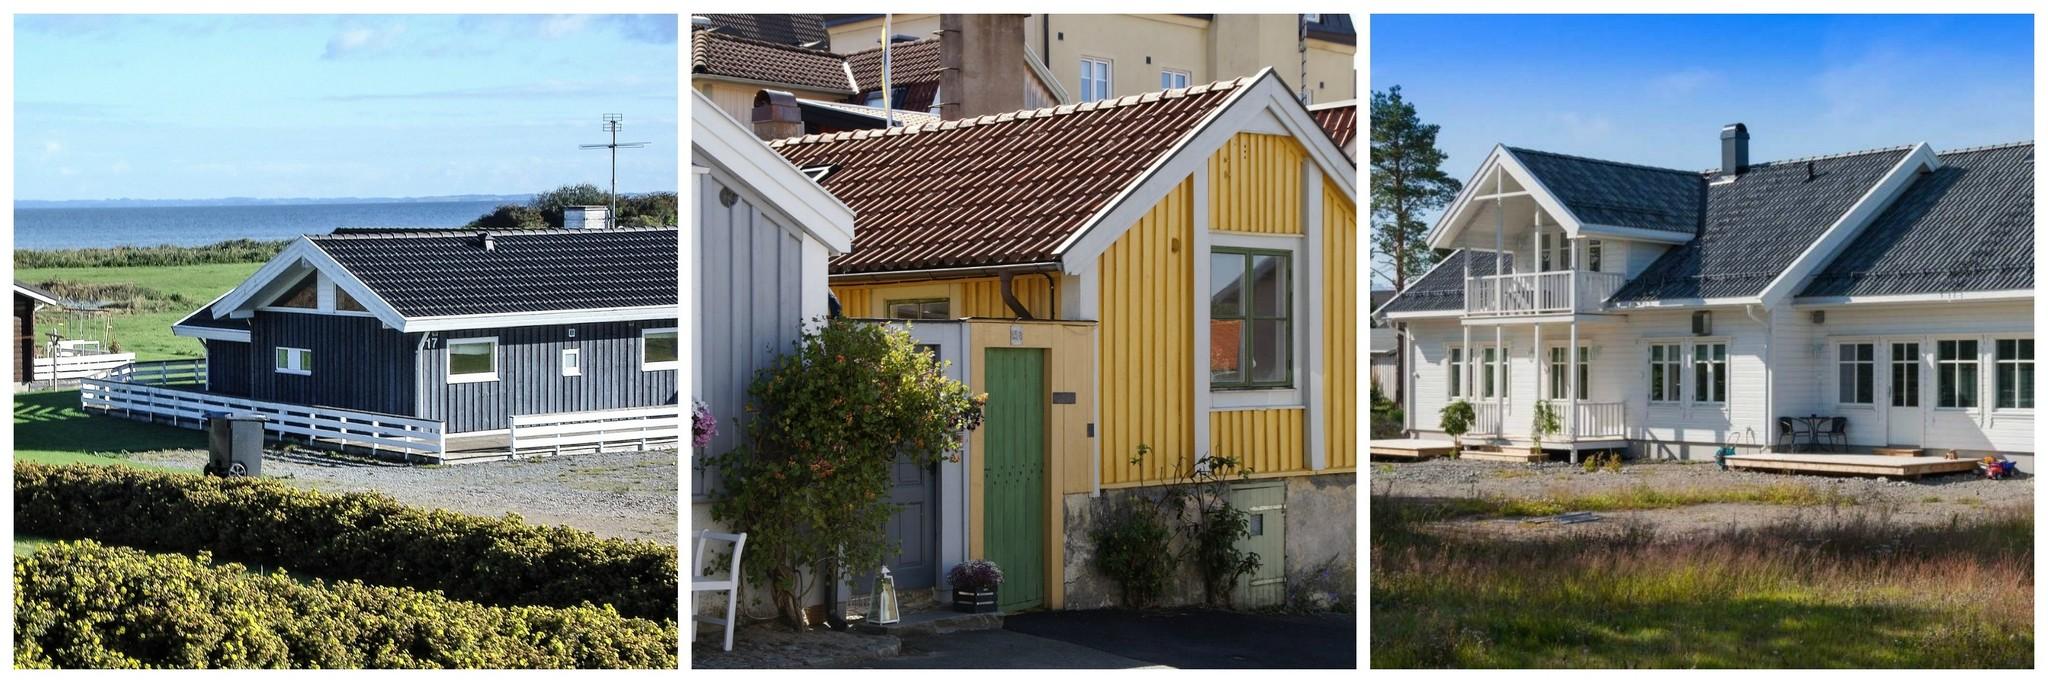 Zweeds huis verven